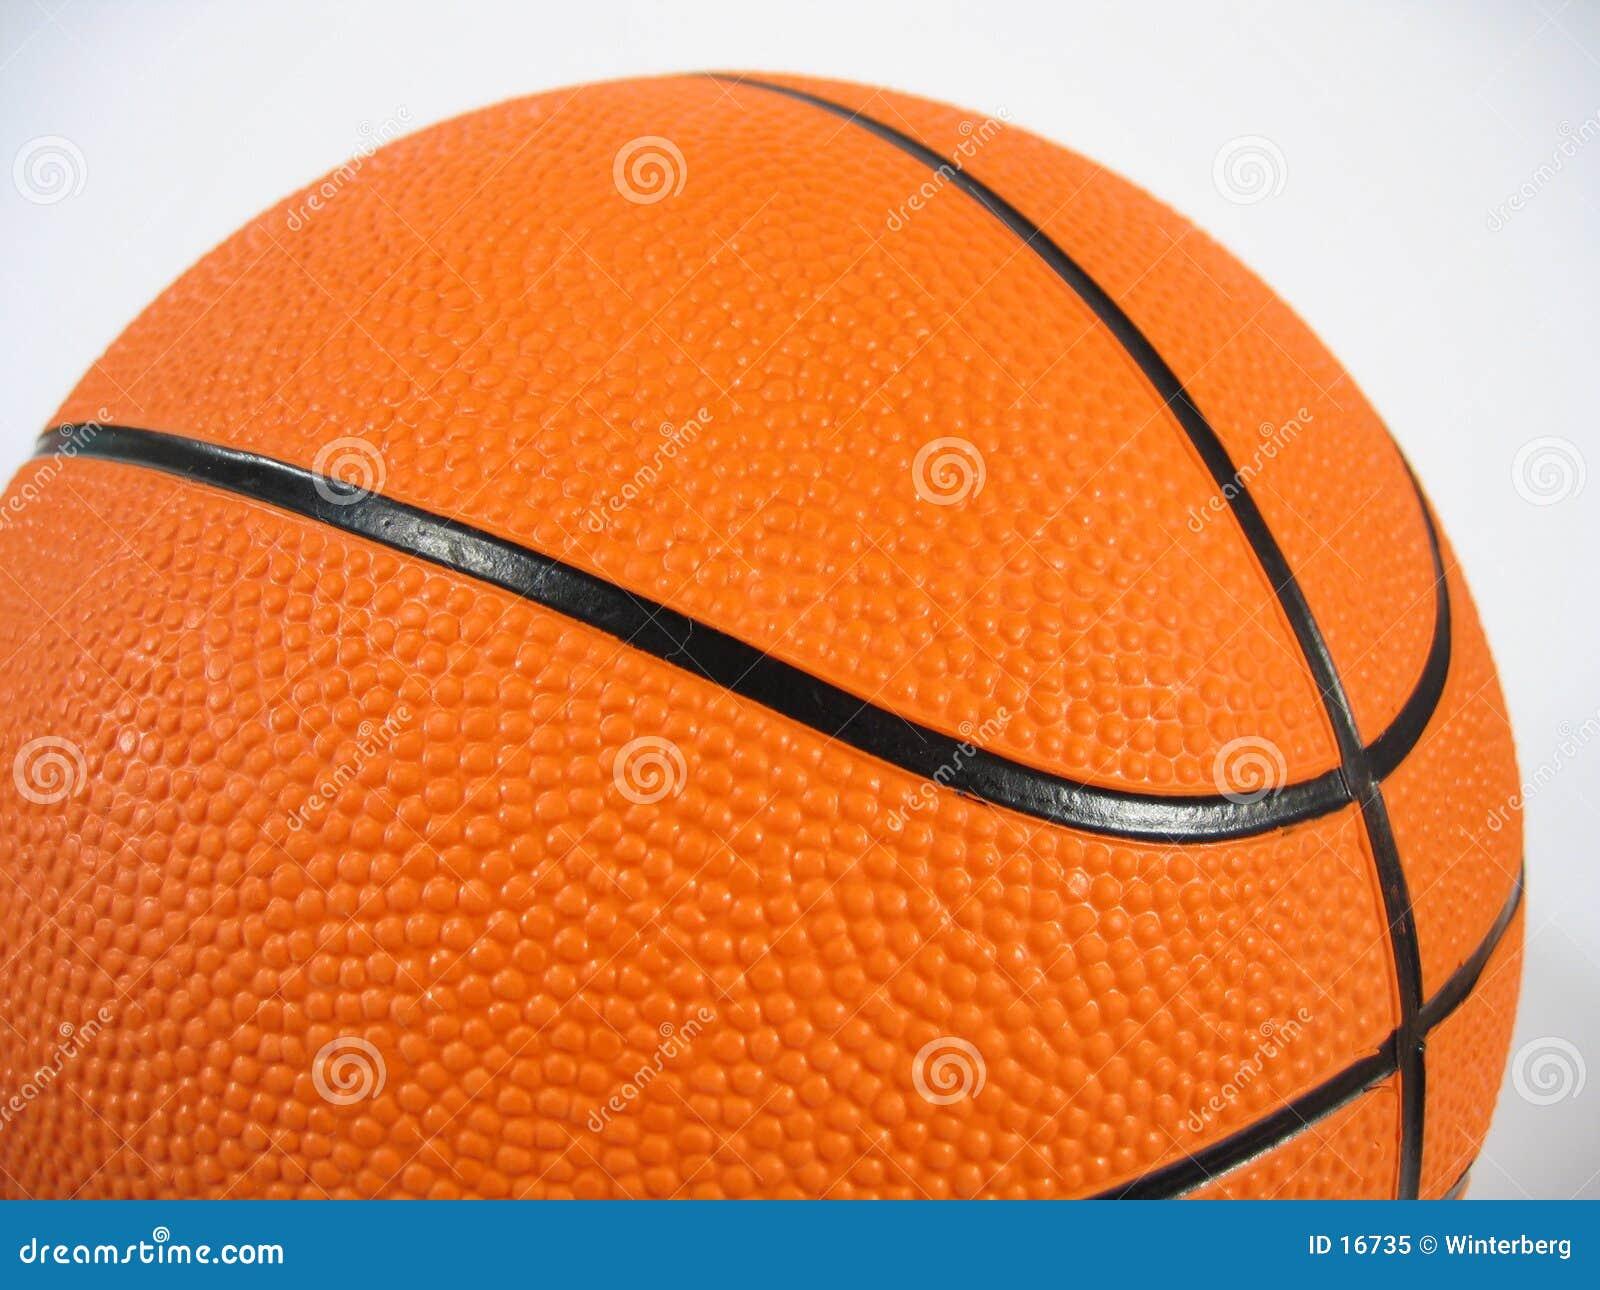 Basketball-Nahaufnahme